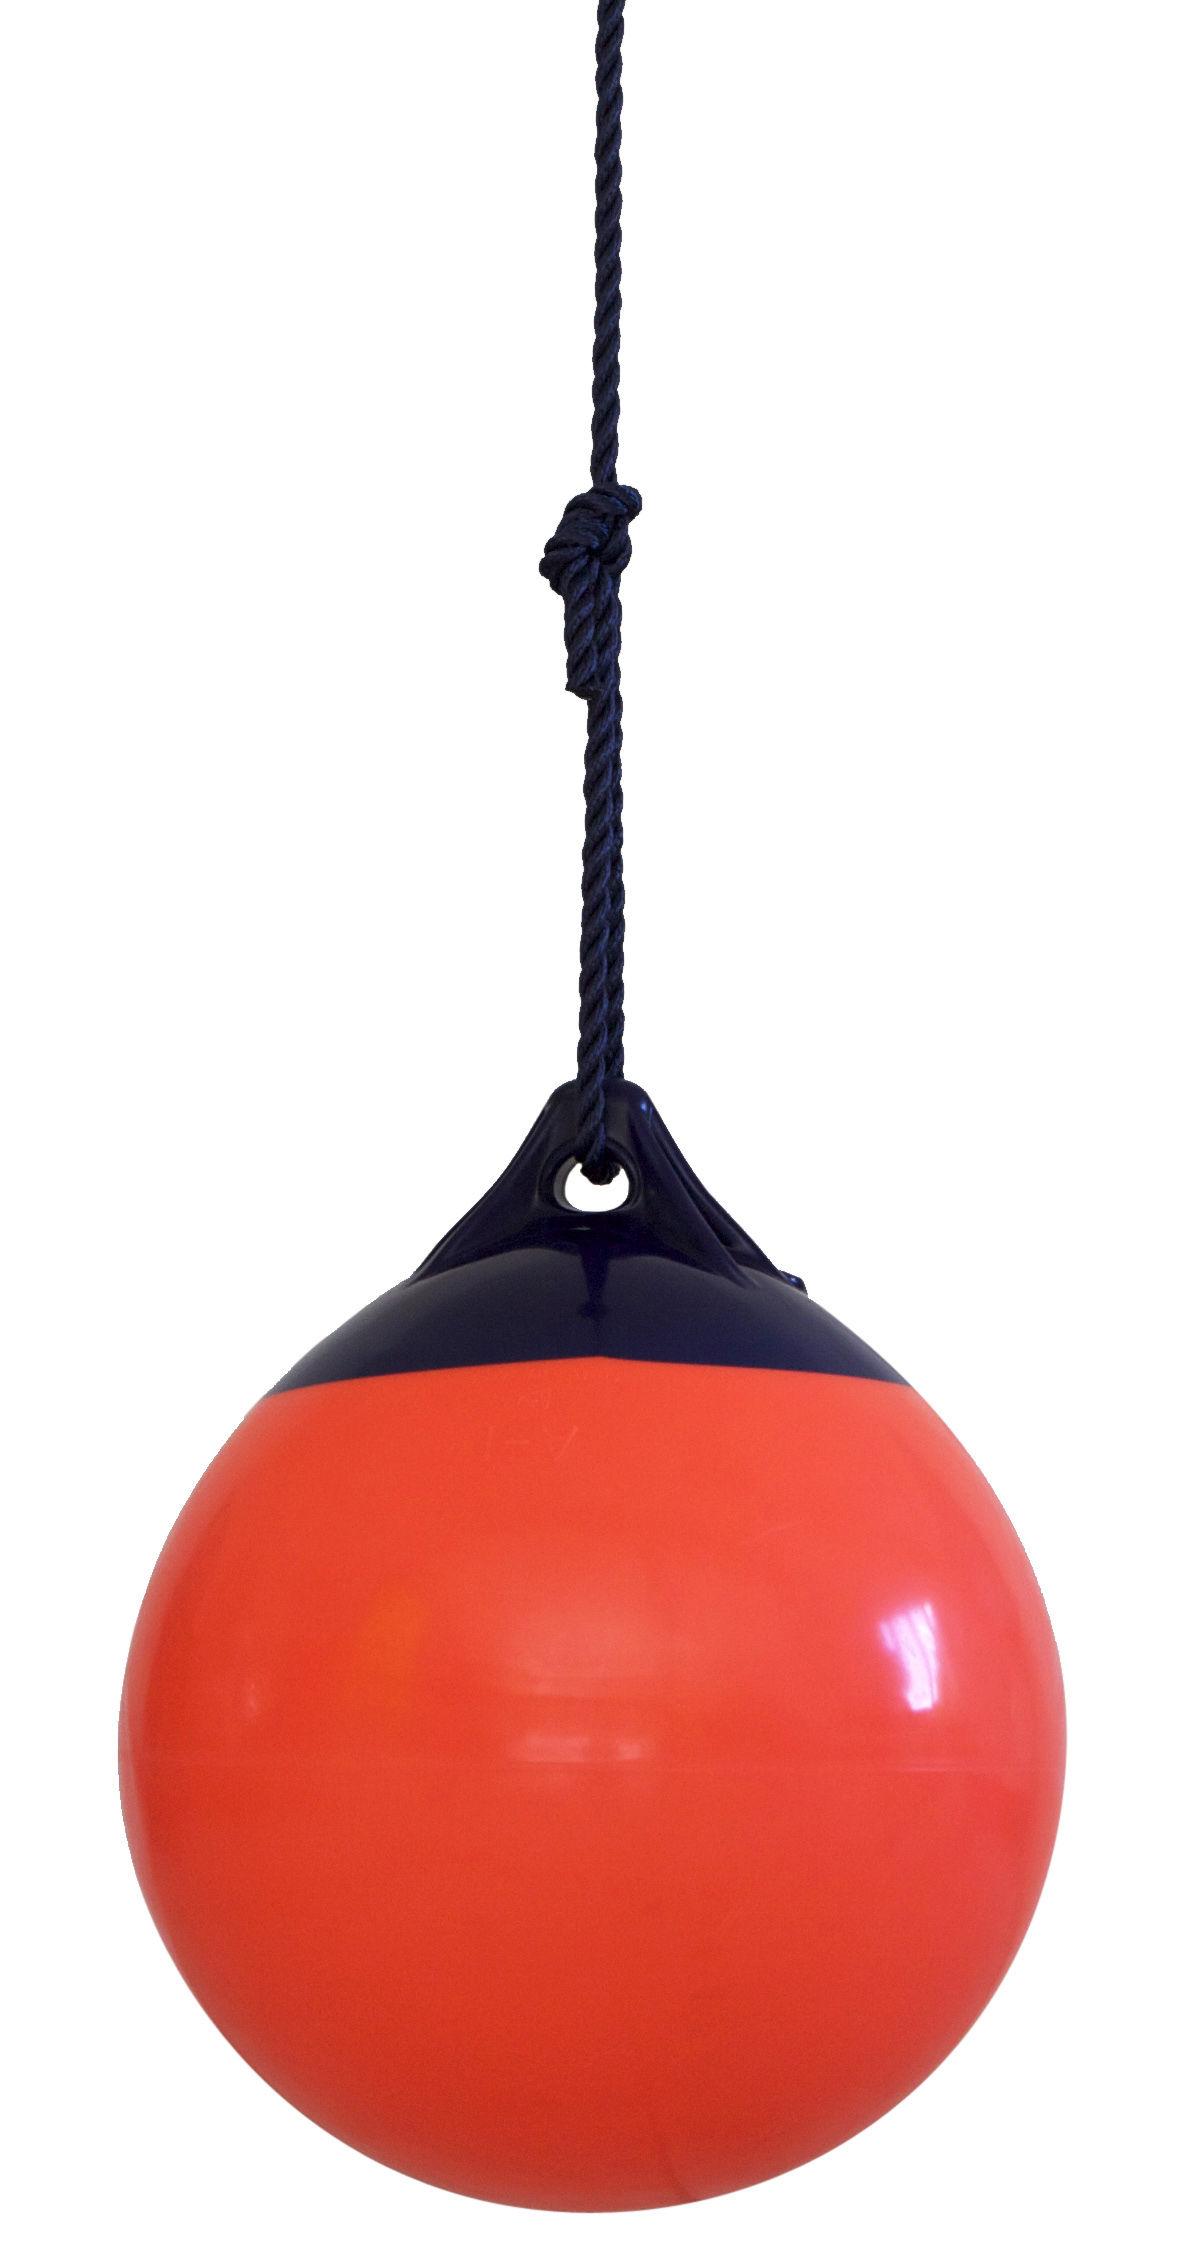 Outdoor - Déco et accessoires - Balançoire Ball - FAB design - Rouge grenadine - Polyester, PVC